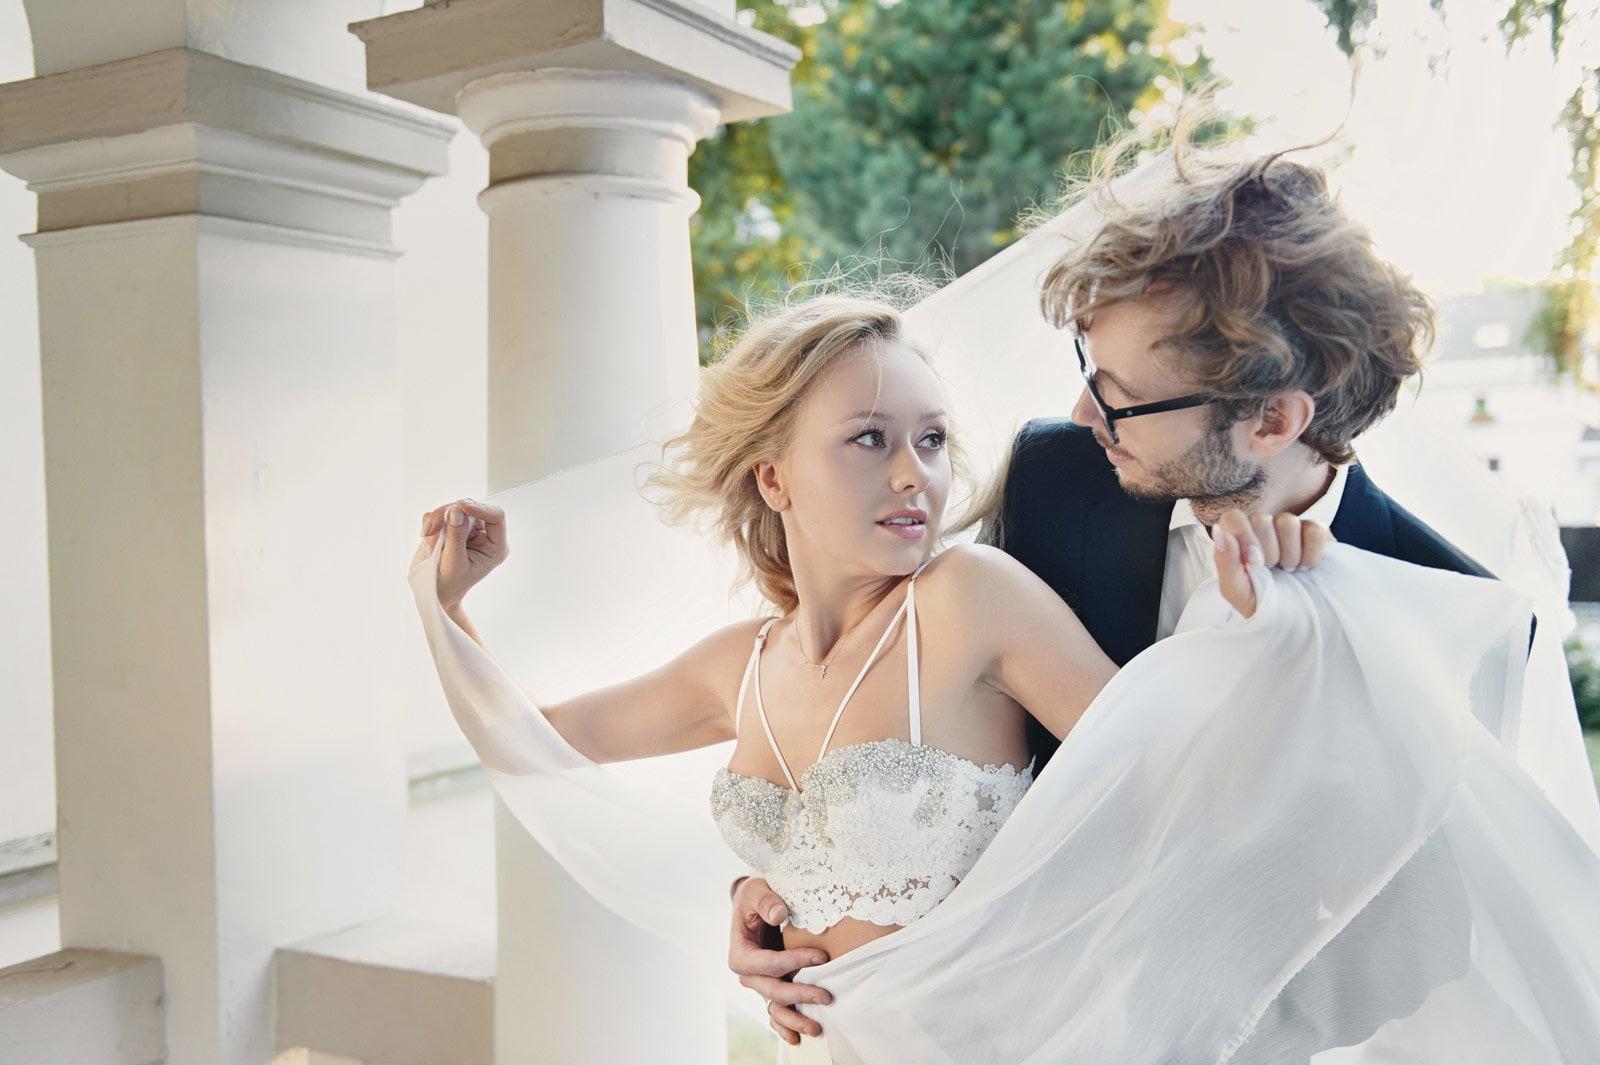 Ślub i wesele a koronawirus w Polsce | Sesja ślubna w domu 28